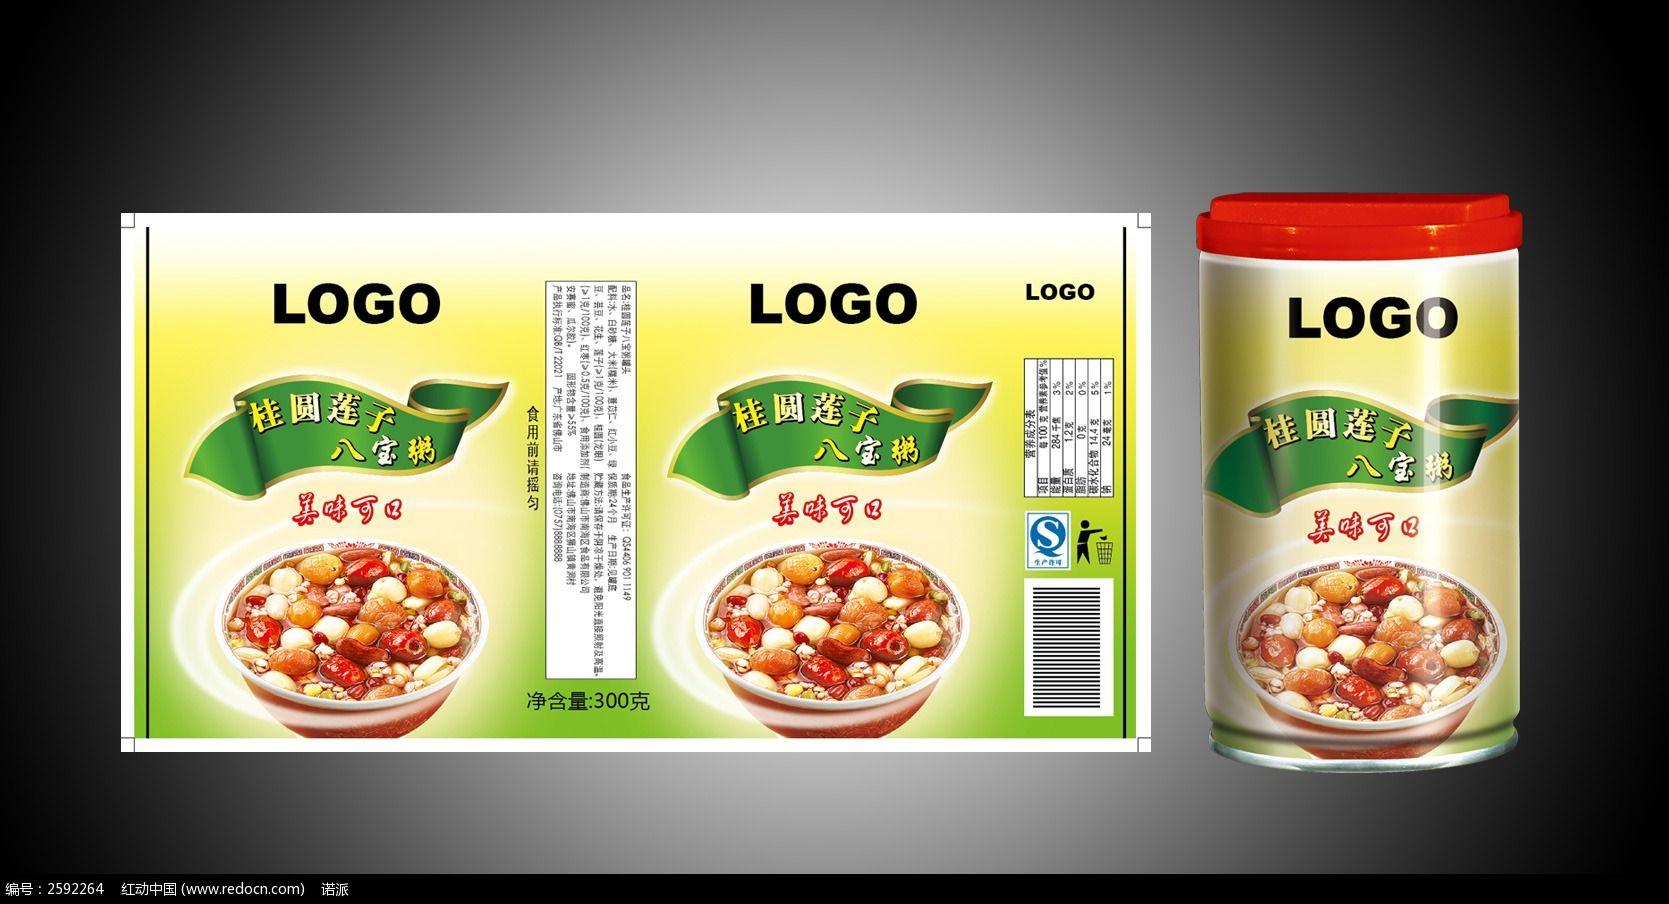 桂圆八宝粥罐包装图片